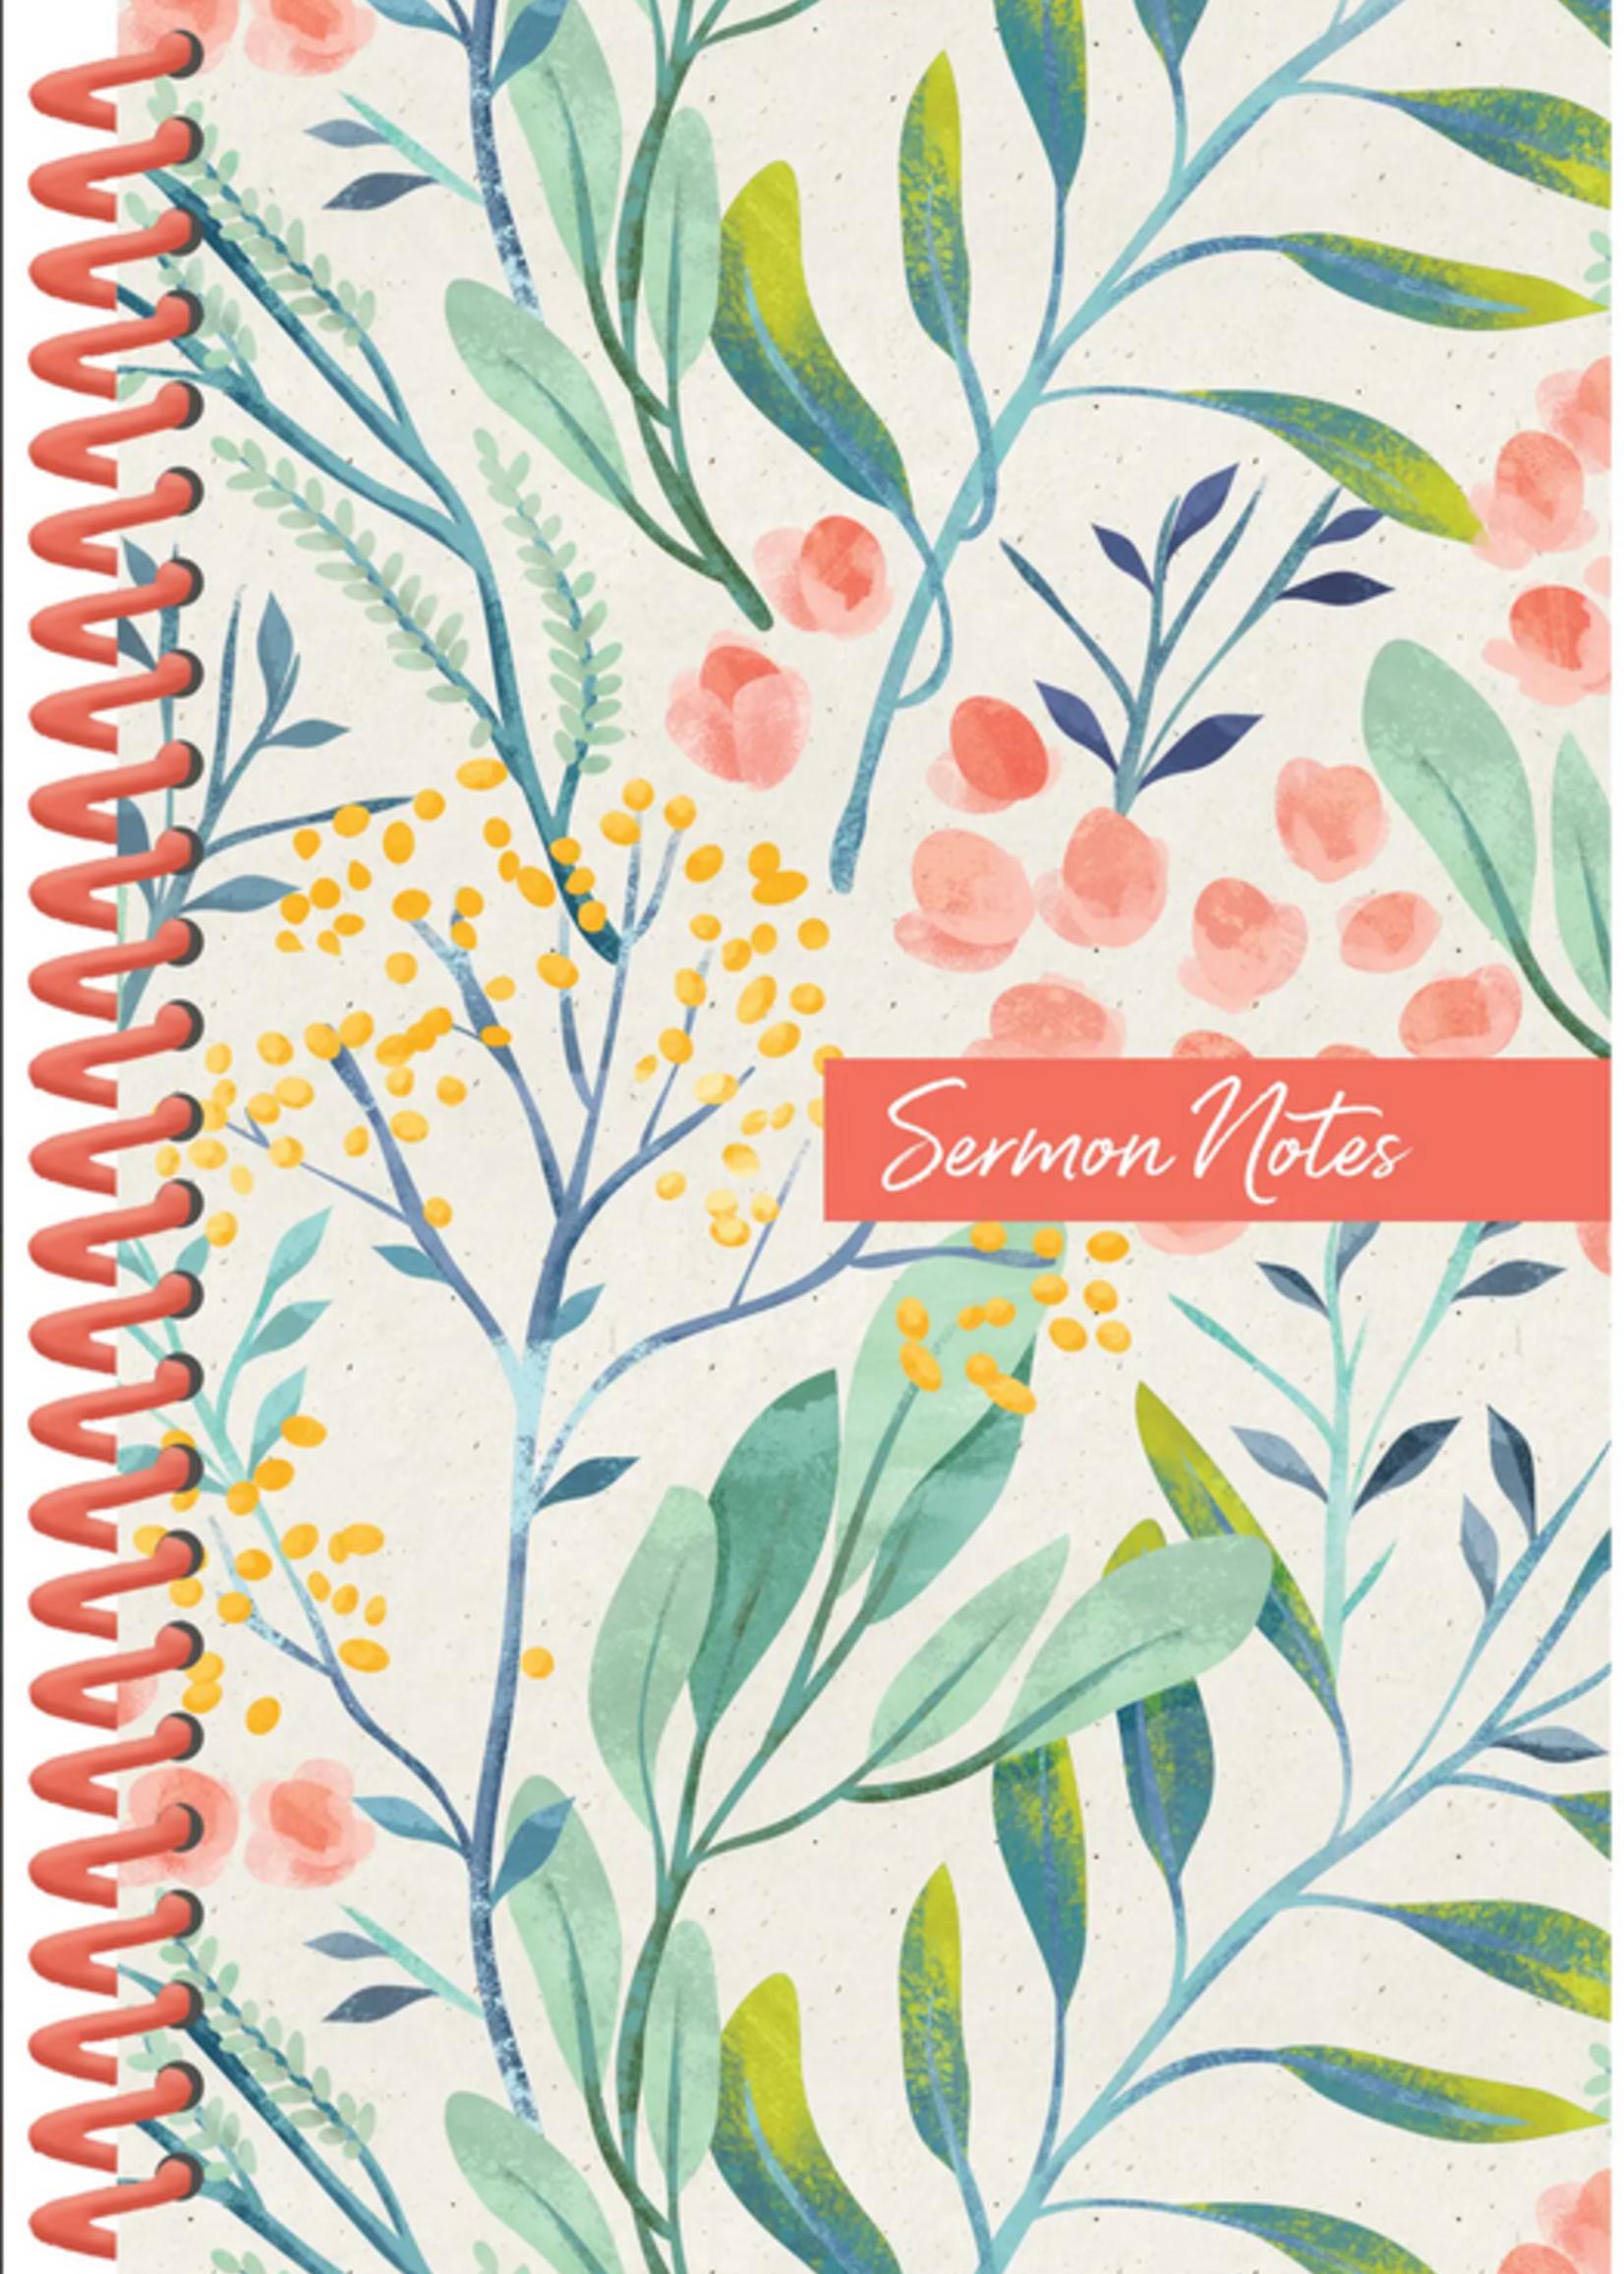 Barbour Publishing Inc. Sermon Notes Journal Floral